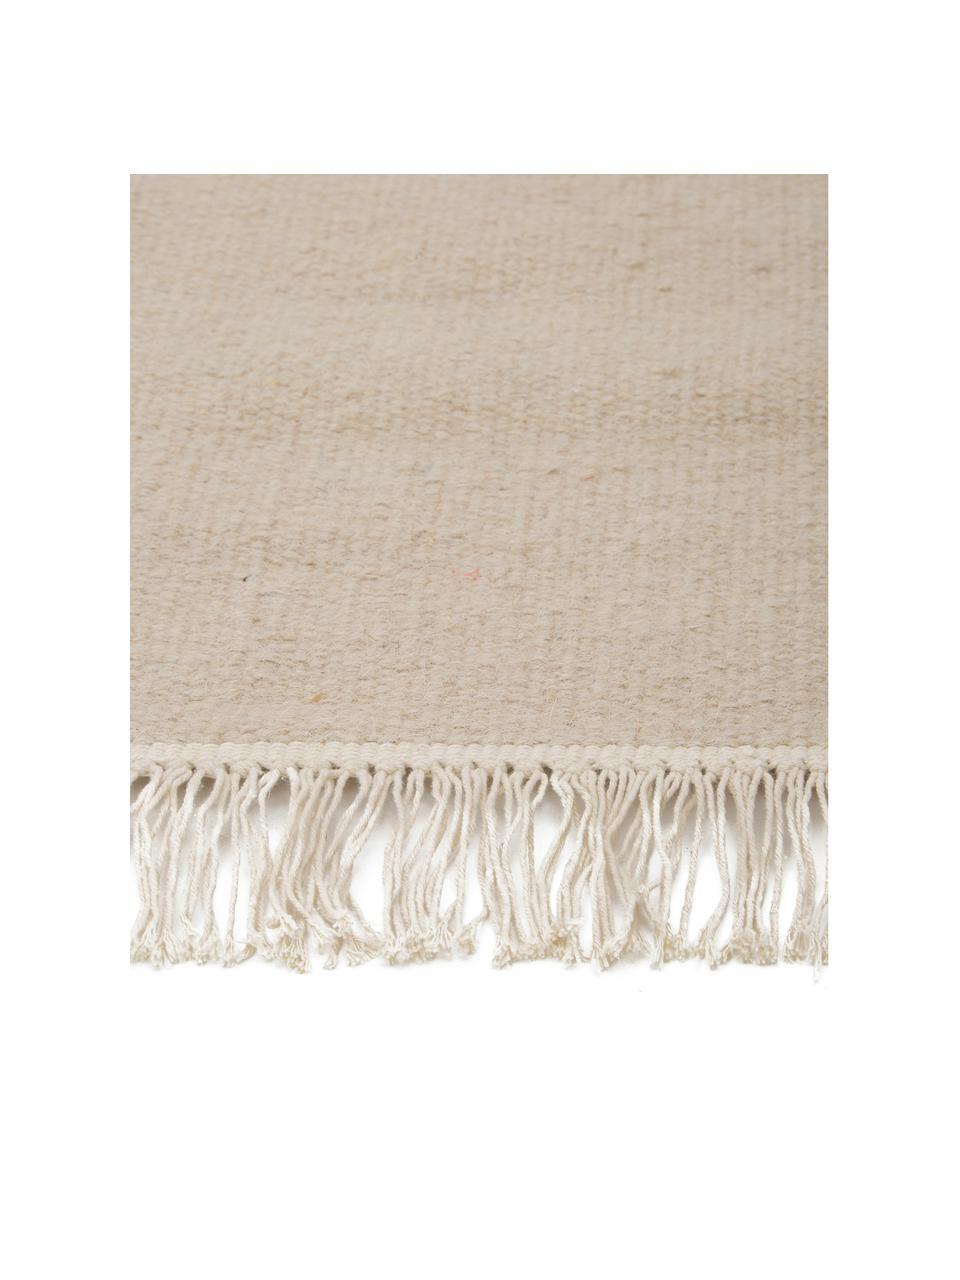 Tapis kilim en laine beige tissé main Rainbow, Couleur sable